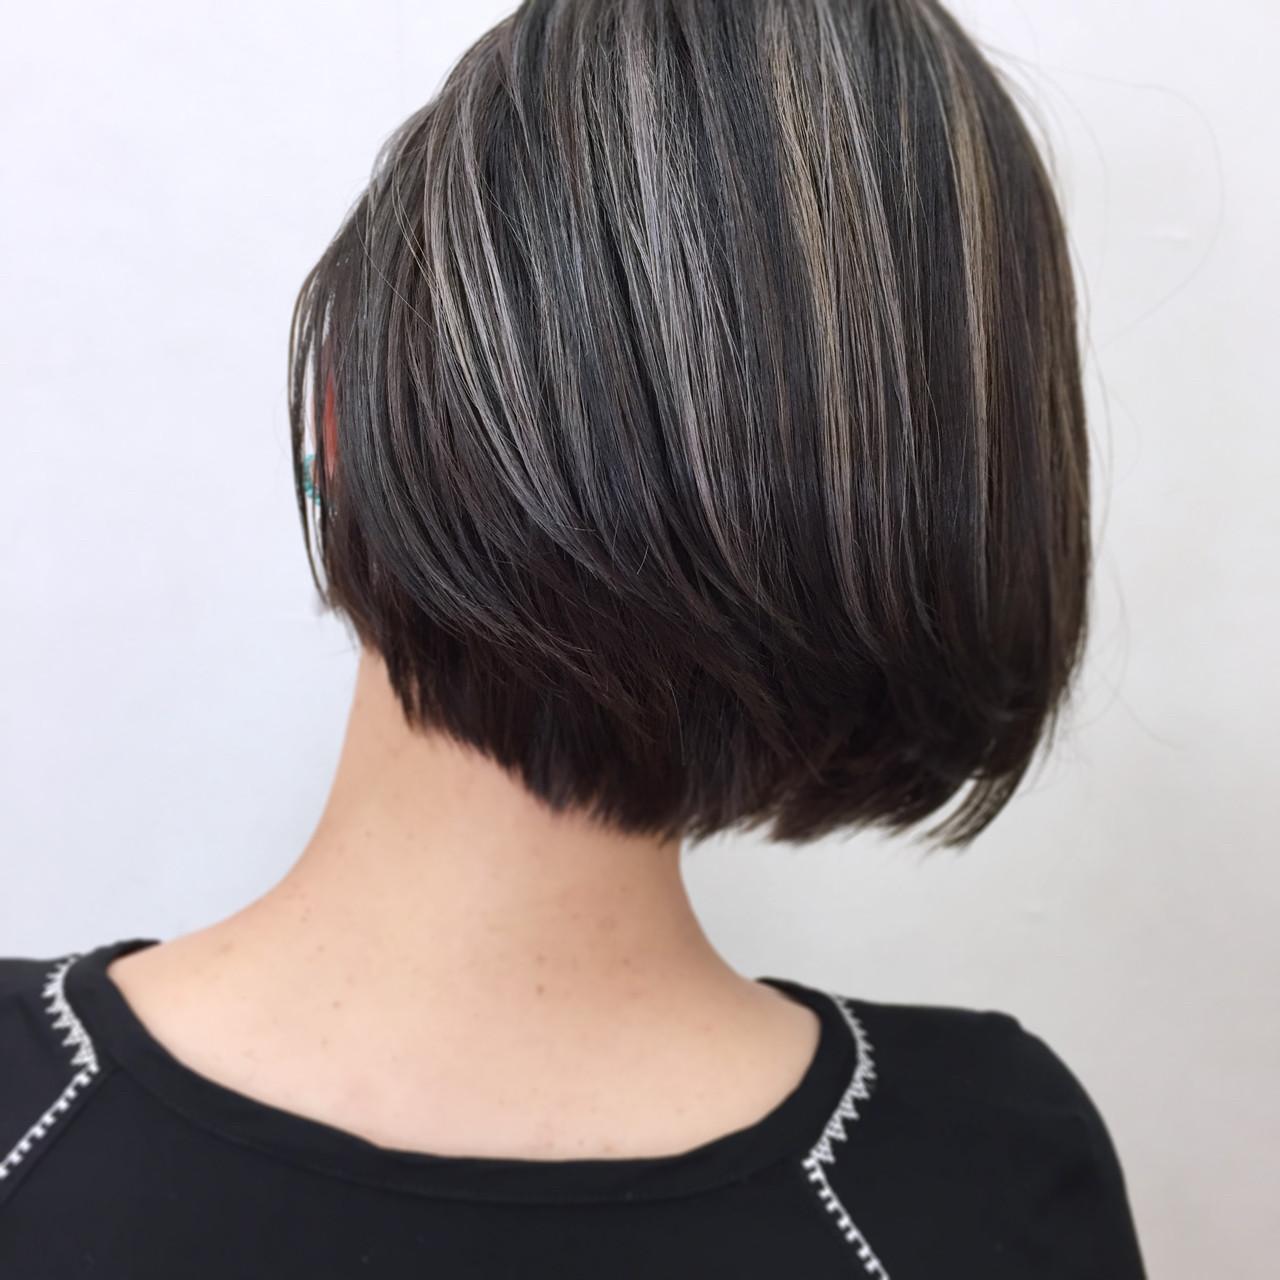 ナチュラル グレージュ 外国人風 ウェットヘア ヘアスタイルや髪型の写真・画像